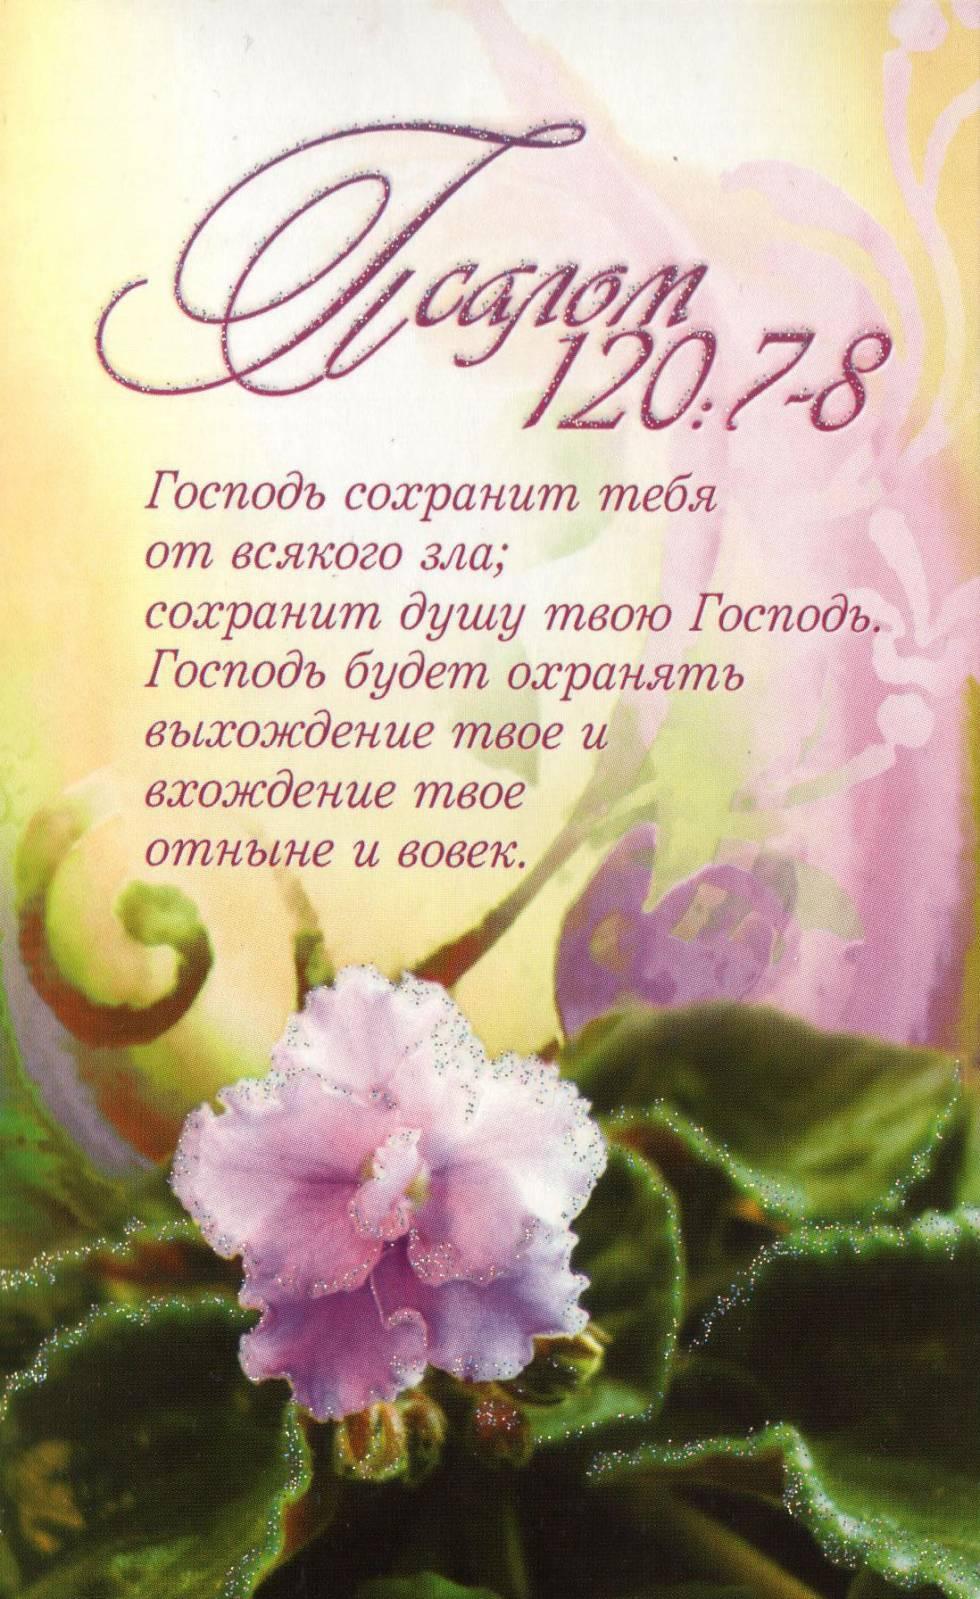 Библейское поздравления с днем рождения